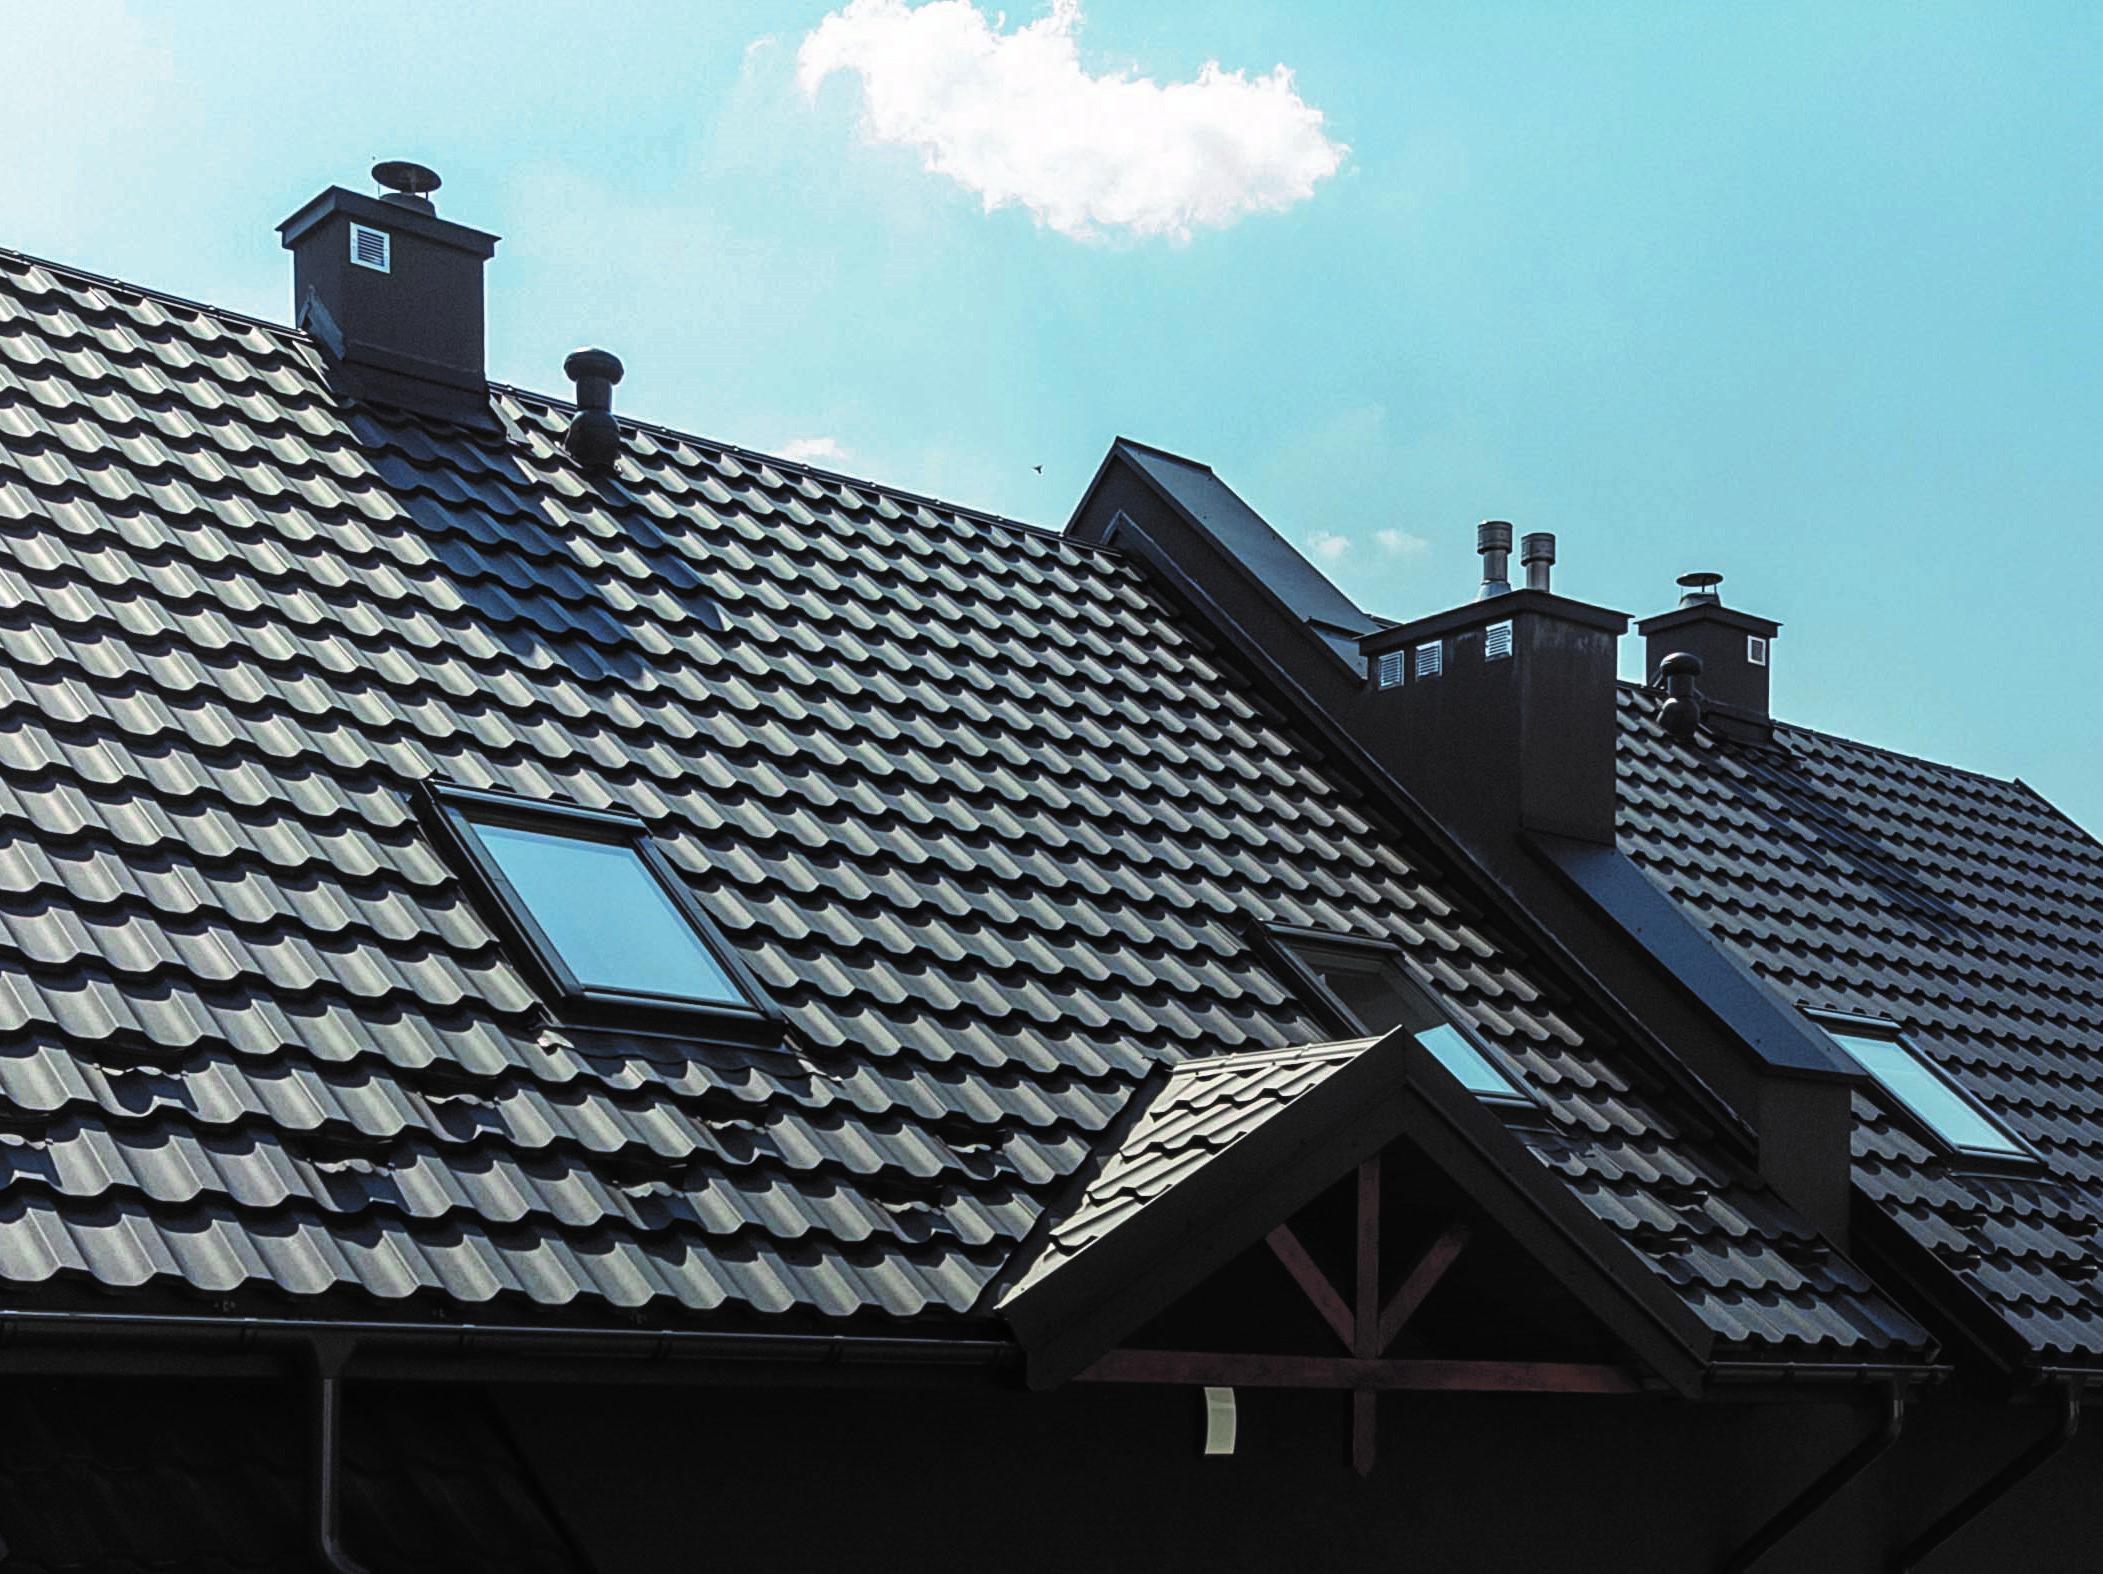 Szukasz pokrycia dachowego – tylko blachodachówki panelowe!